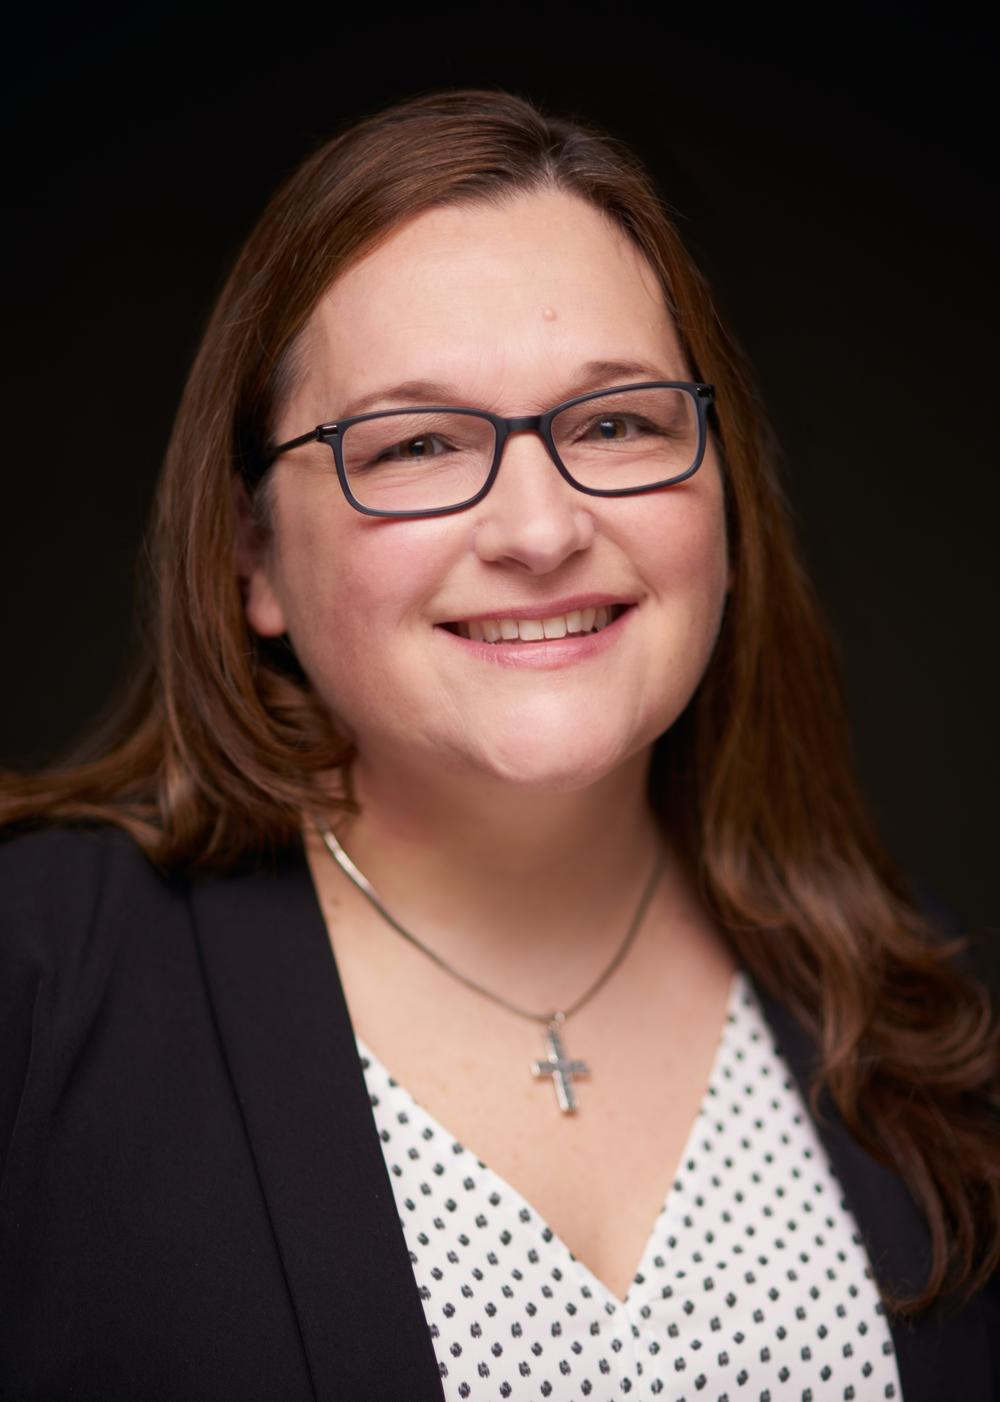 Megan Amick, CPA Photo